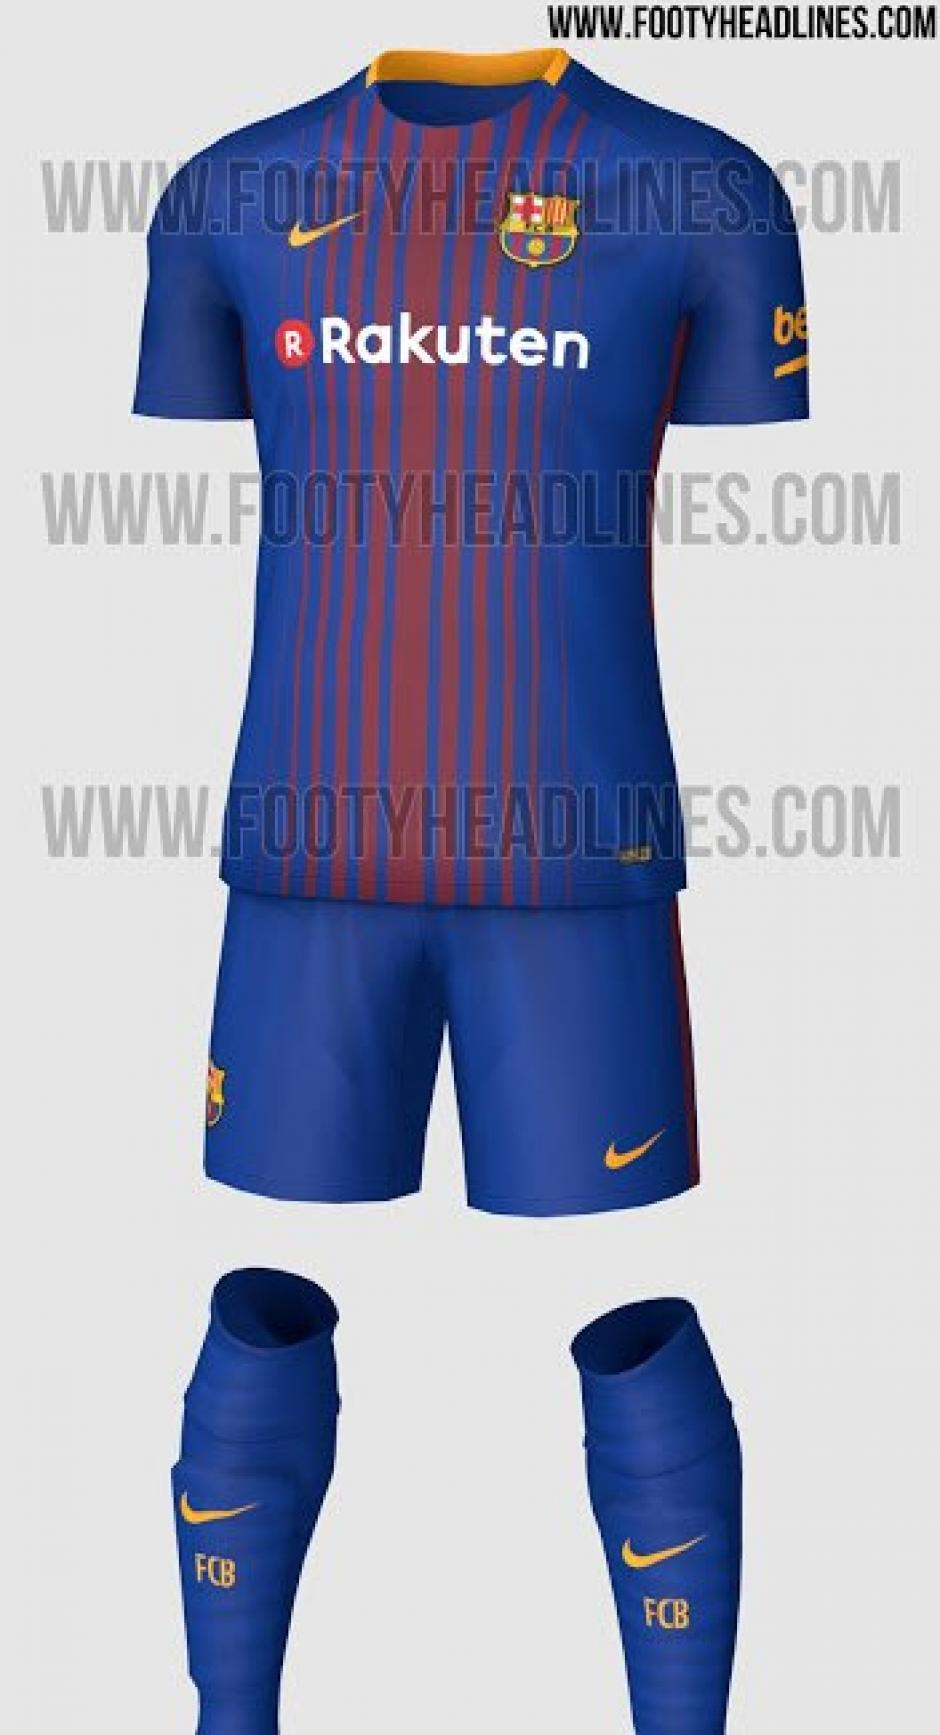 Este será el uniforme del FC Barcelona la próxima temporada. (Foto: Footy Headlines)